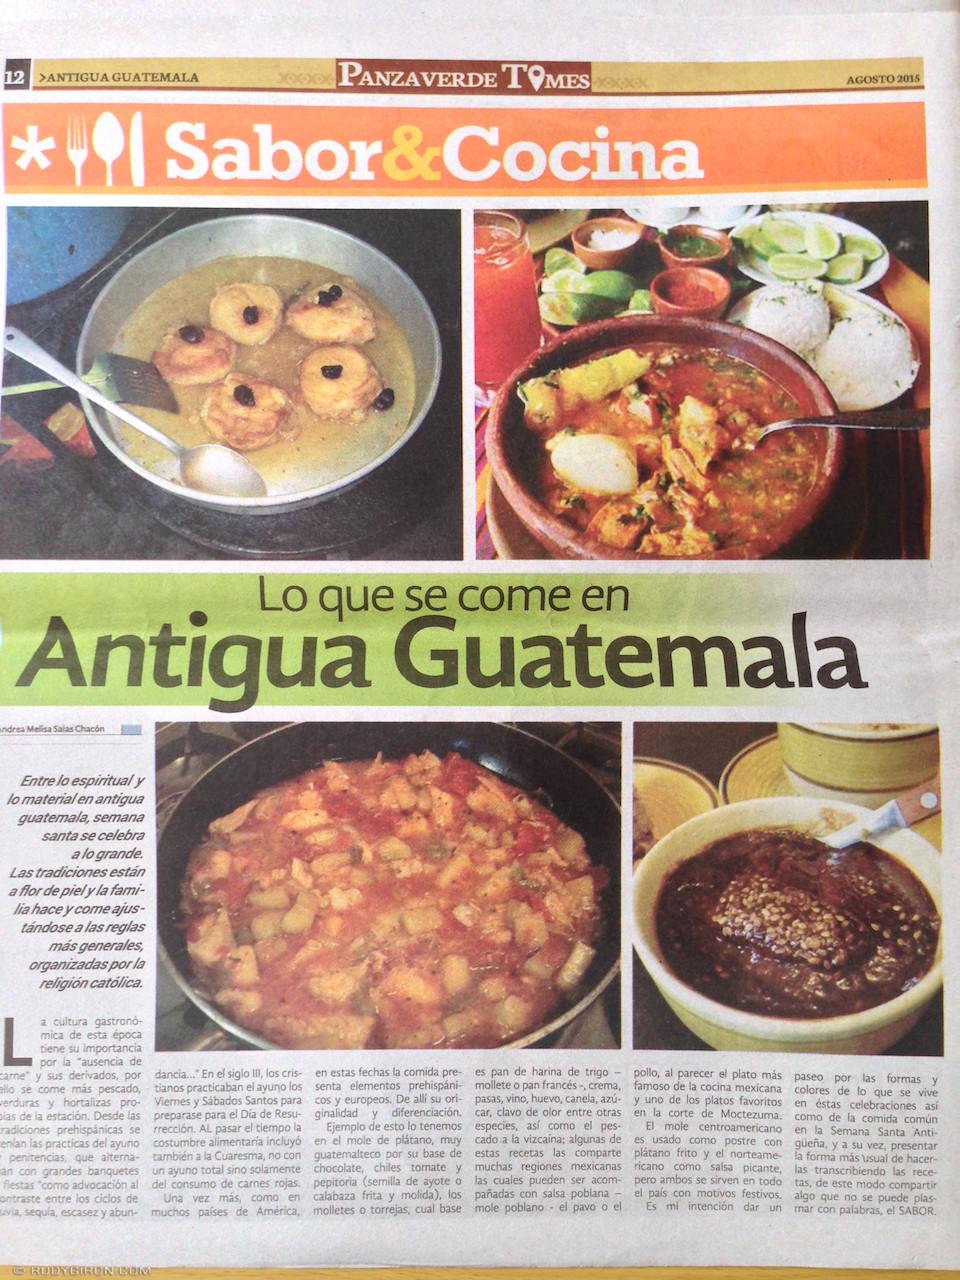 Panza Verde Times publica dos de mis fotografías de comida guatemalteca